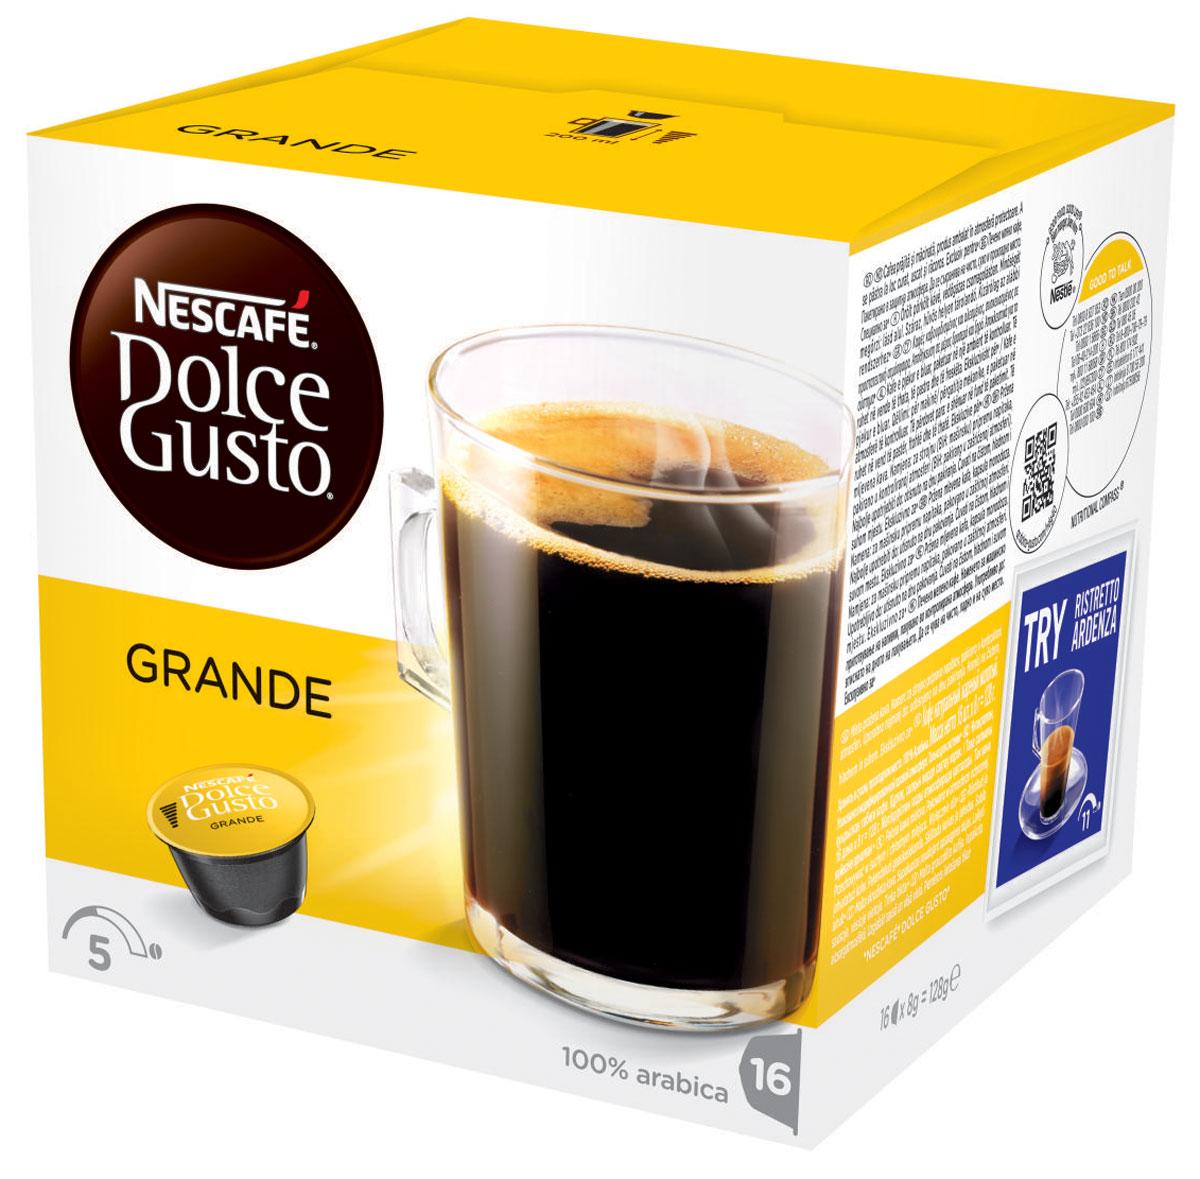 Nescafe Dolce Gusto Grande кофе в капсулах, 16 шт12120090Слегка более насыщенный Nescafe Dolce Gusto Grande – это следующий шаг от классического американо. Мягкий и, безусловно, доставляющий удовольствие, капсульный гранде изготовлен из 100% зерен Арабики средней прожарки и идеально подходит как для первой утренней чашки, так и для употребления в течение дня.